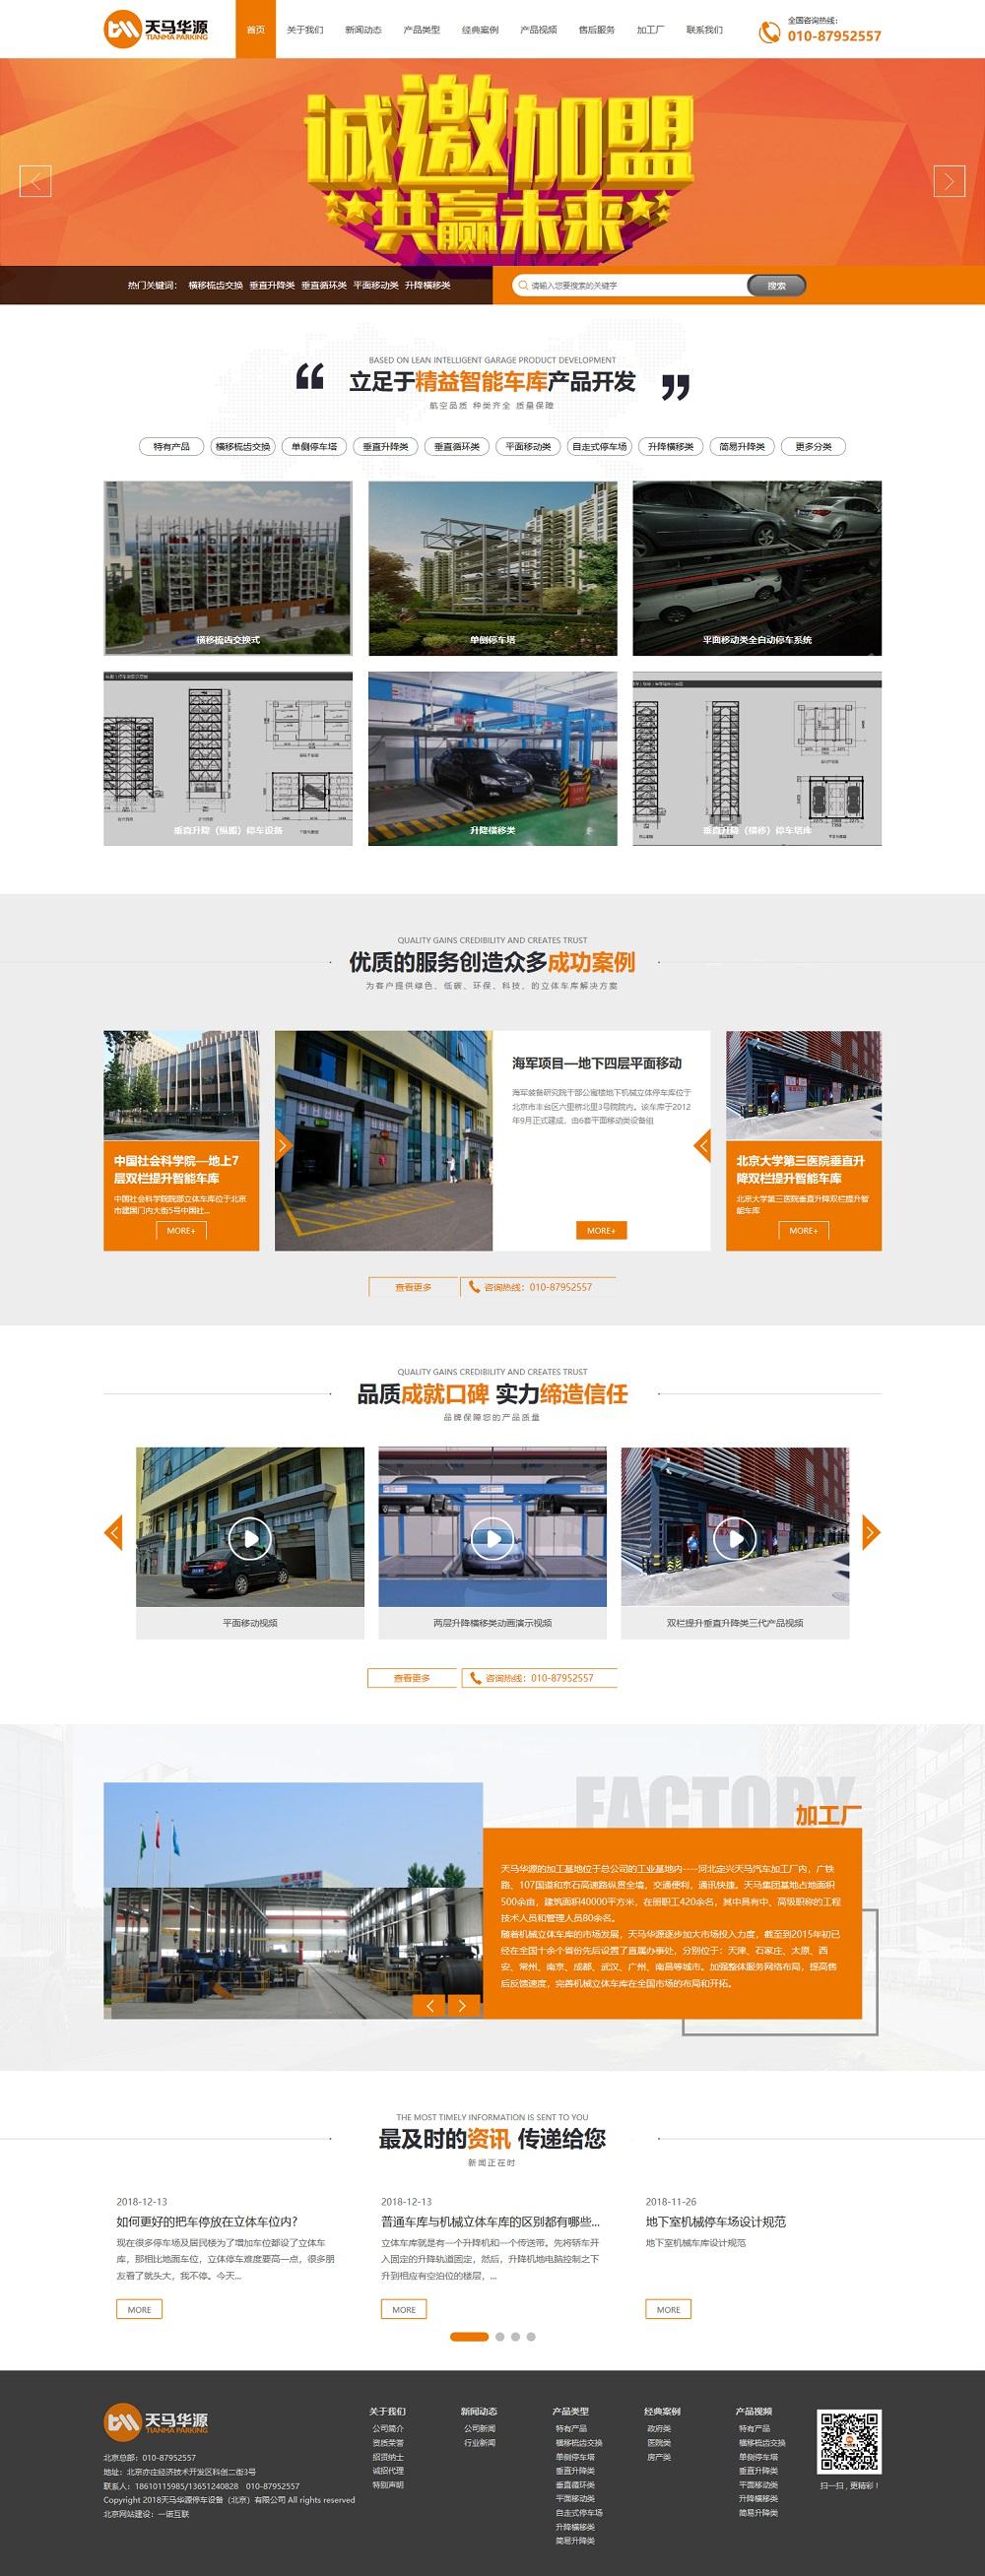 seo优化公司,网站优化,网站建设